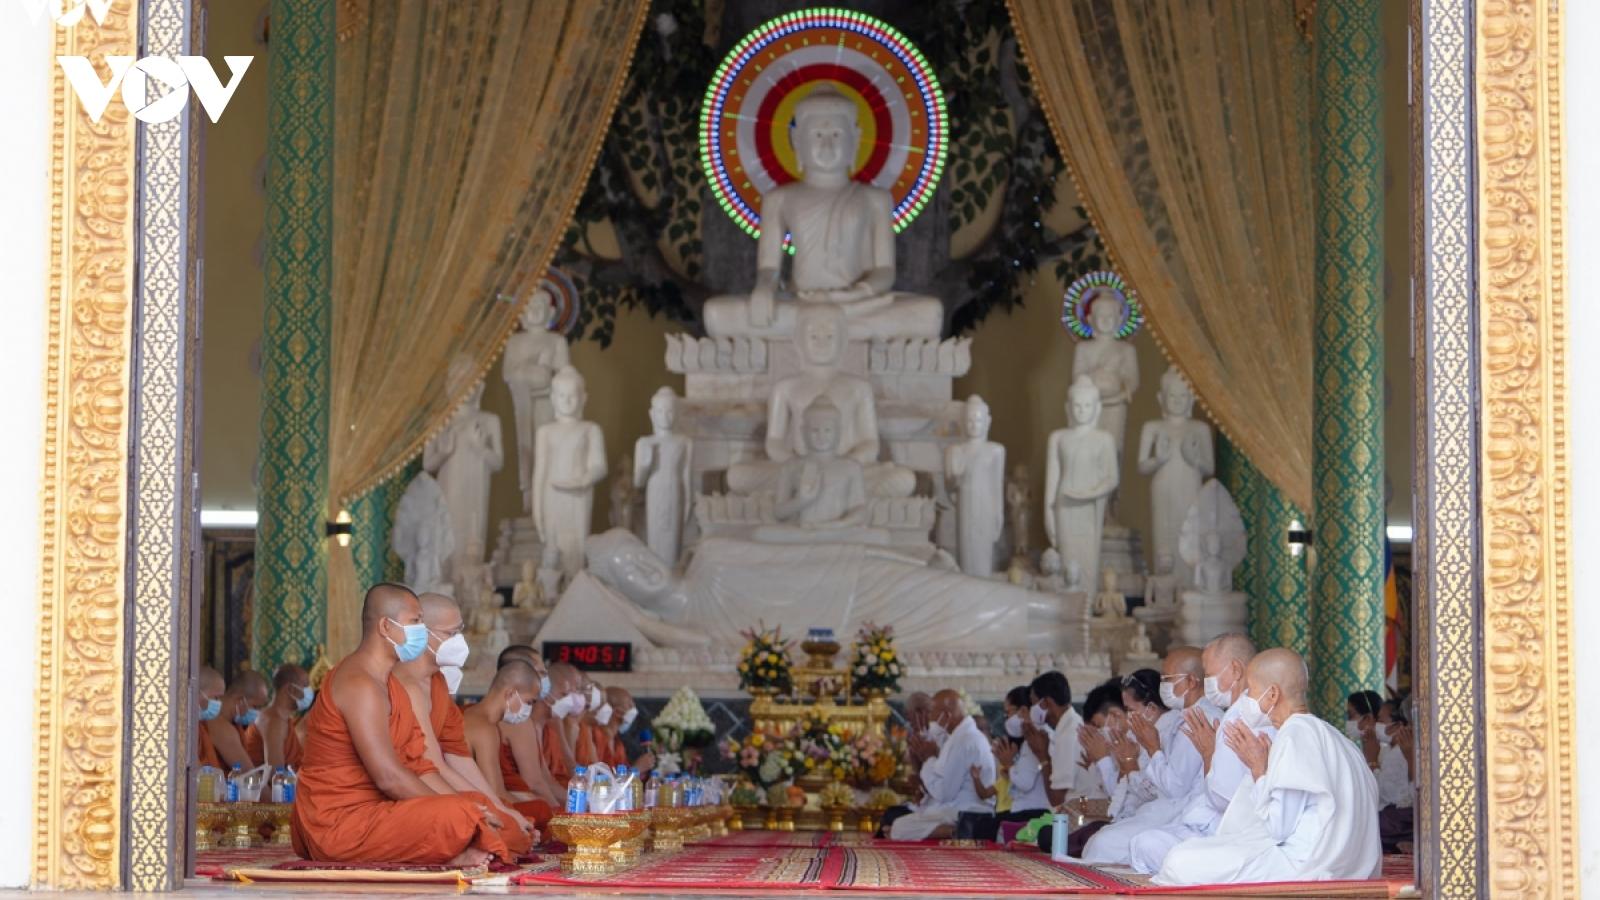 Chính phủ Campuchia khẩn cấp ra lệnh tạm dừng mọi hoạt động tôn giáo